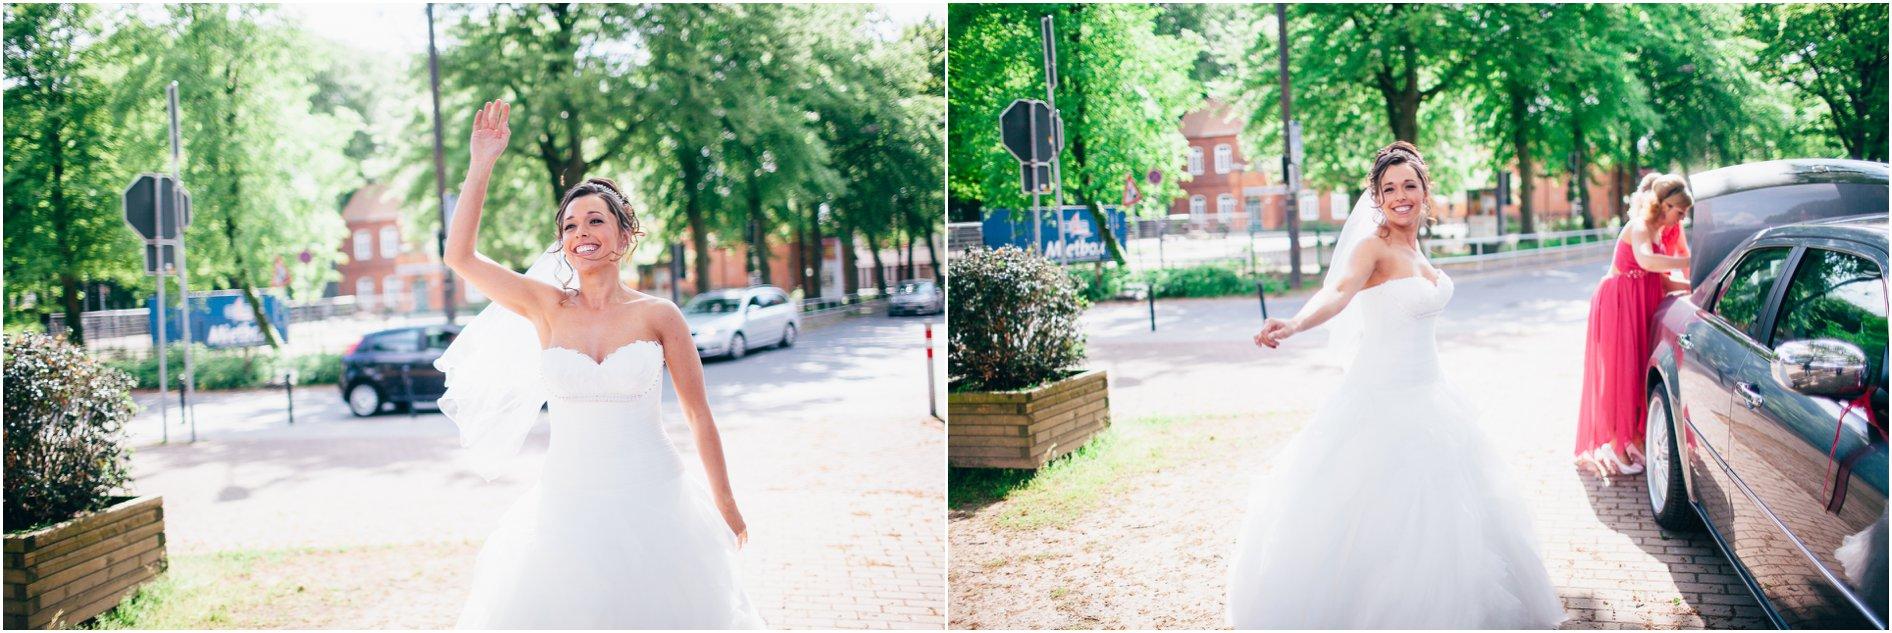 2014-07-16_0165 Anna & Igor - Hochzeitsfotograf in Bremen